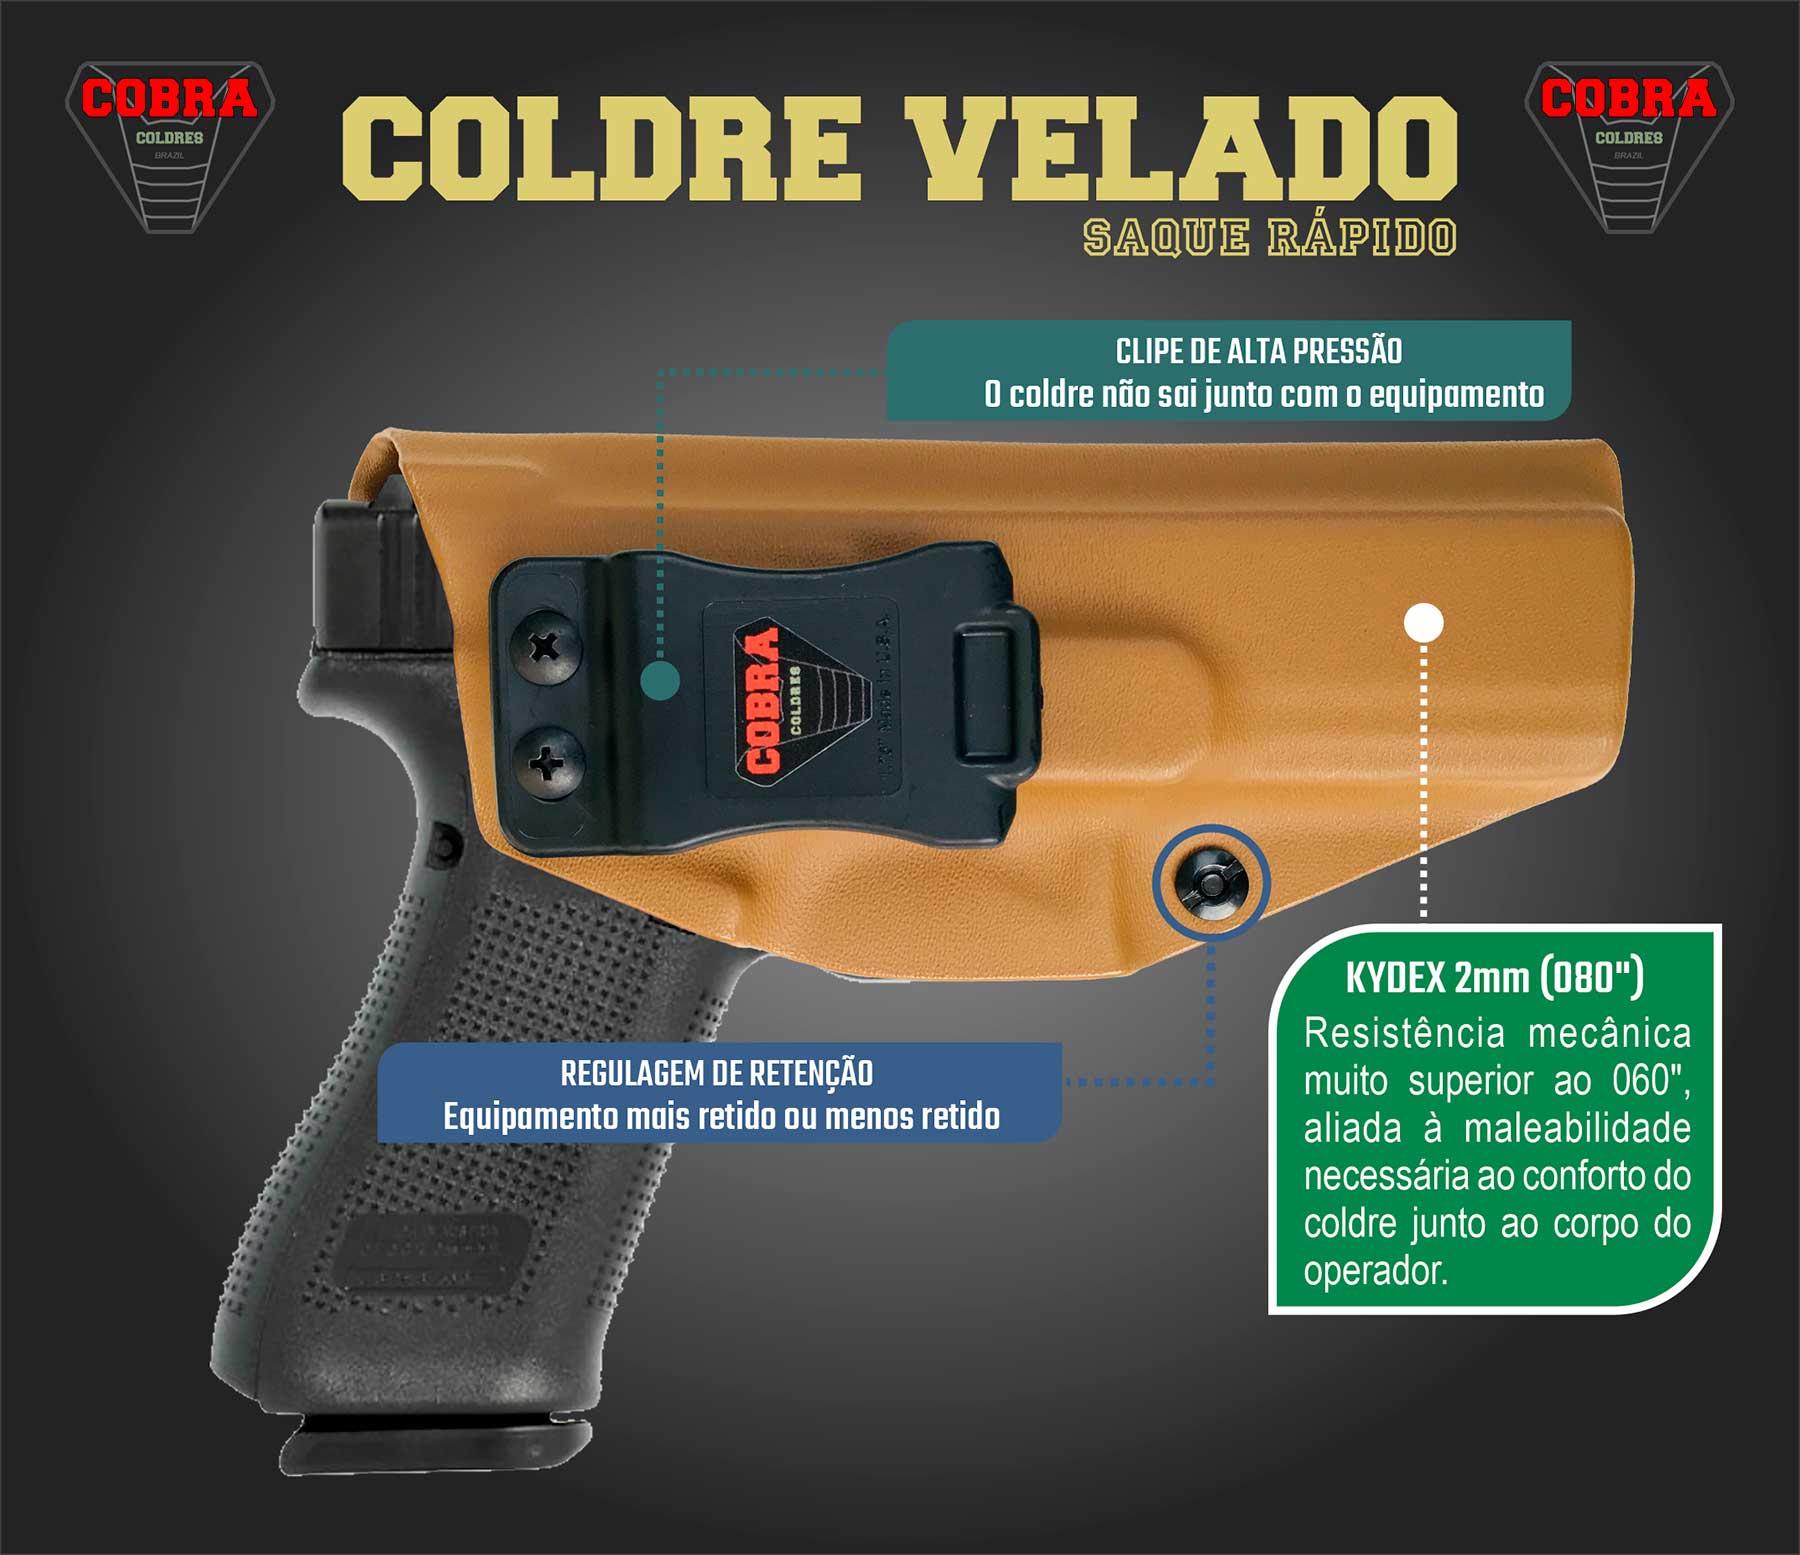 Coldre Cobra IWI [Jericho] [941F] - Jerichó Full Metal 9mm - Saque Rápido Velado -  Kydex® 080